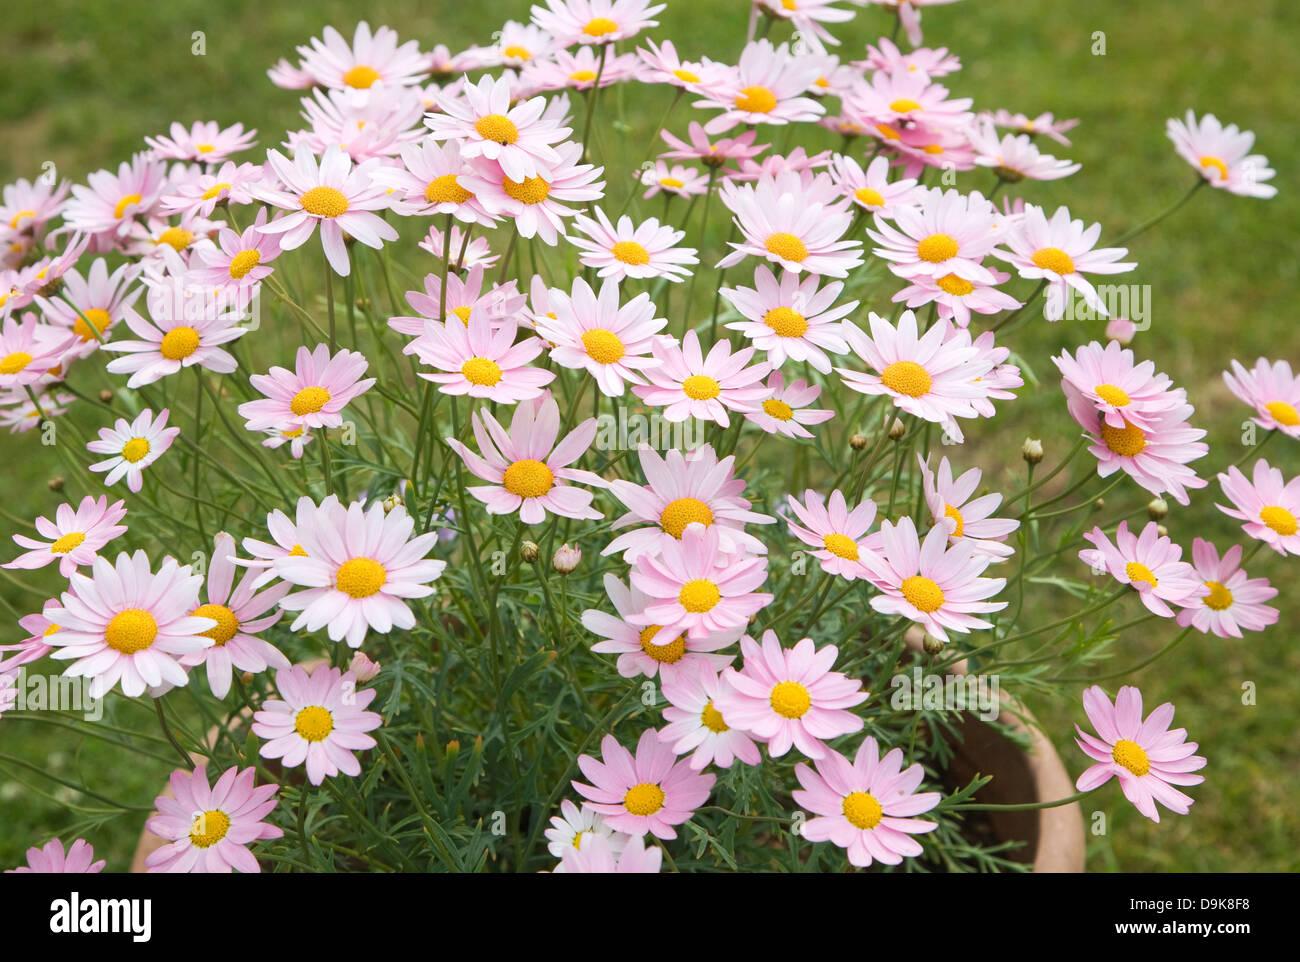 Pink daisy like flower stock photos pink daisy like flower stock argyranthemum pink daisy like flowers stock image izmirmasajfo